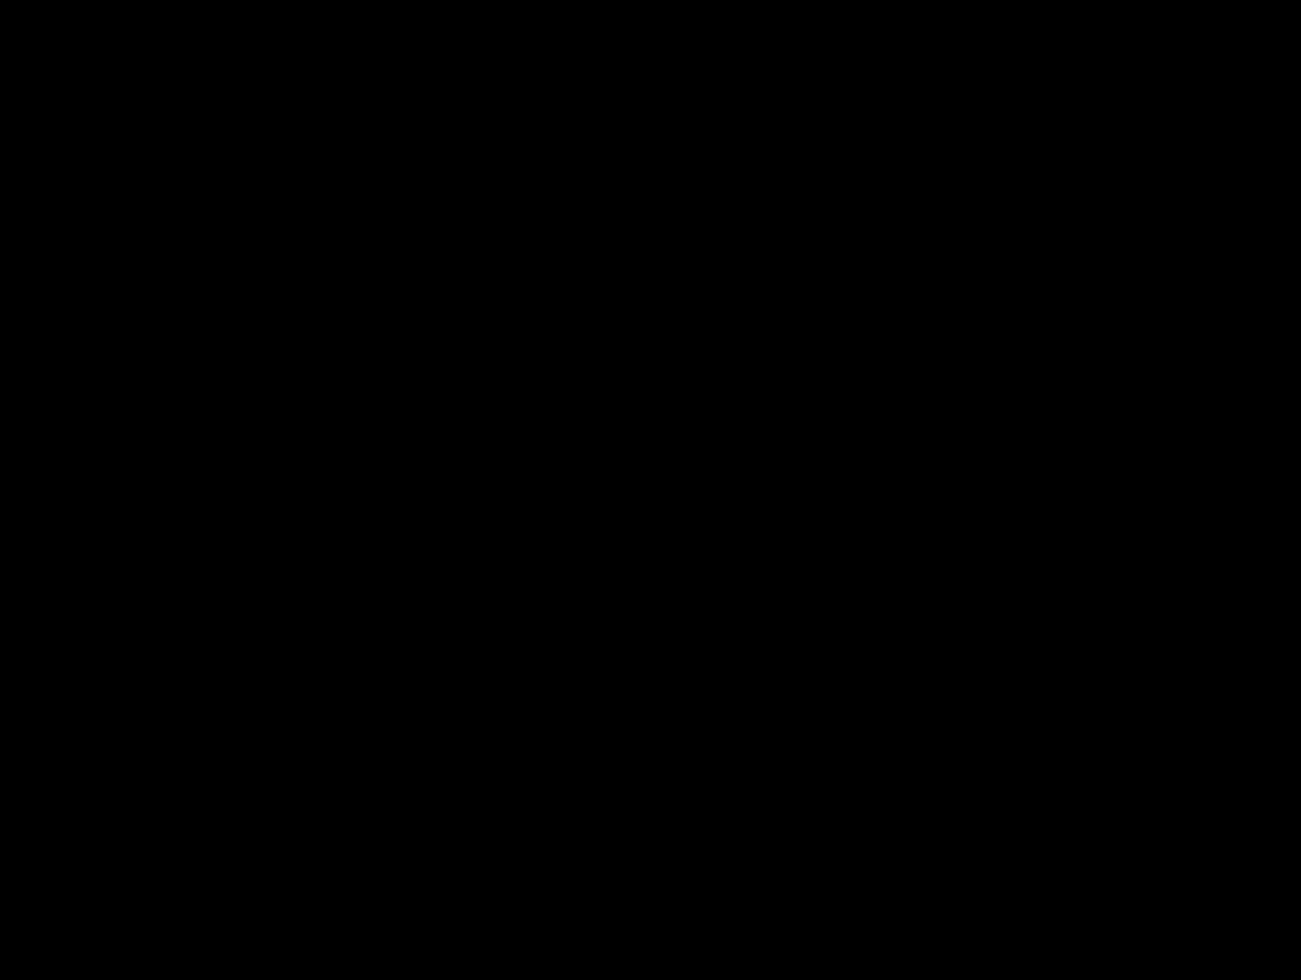 ícone do mundo grade png